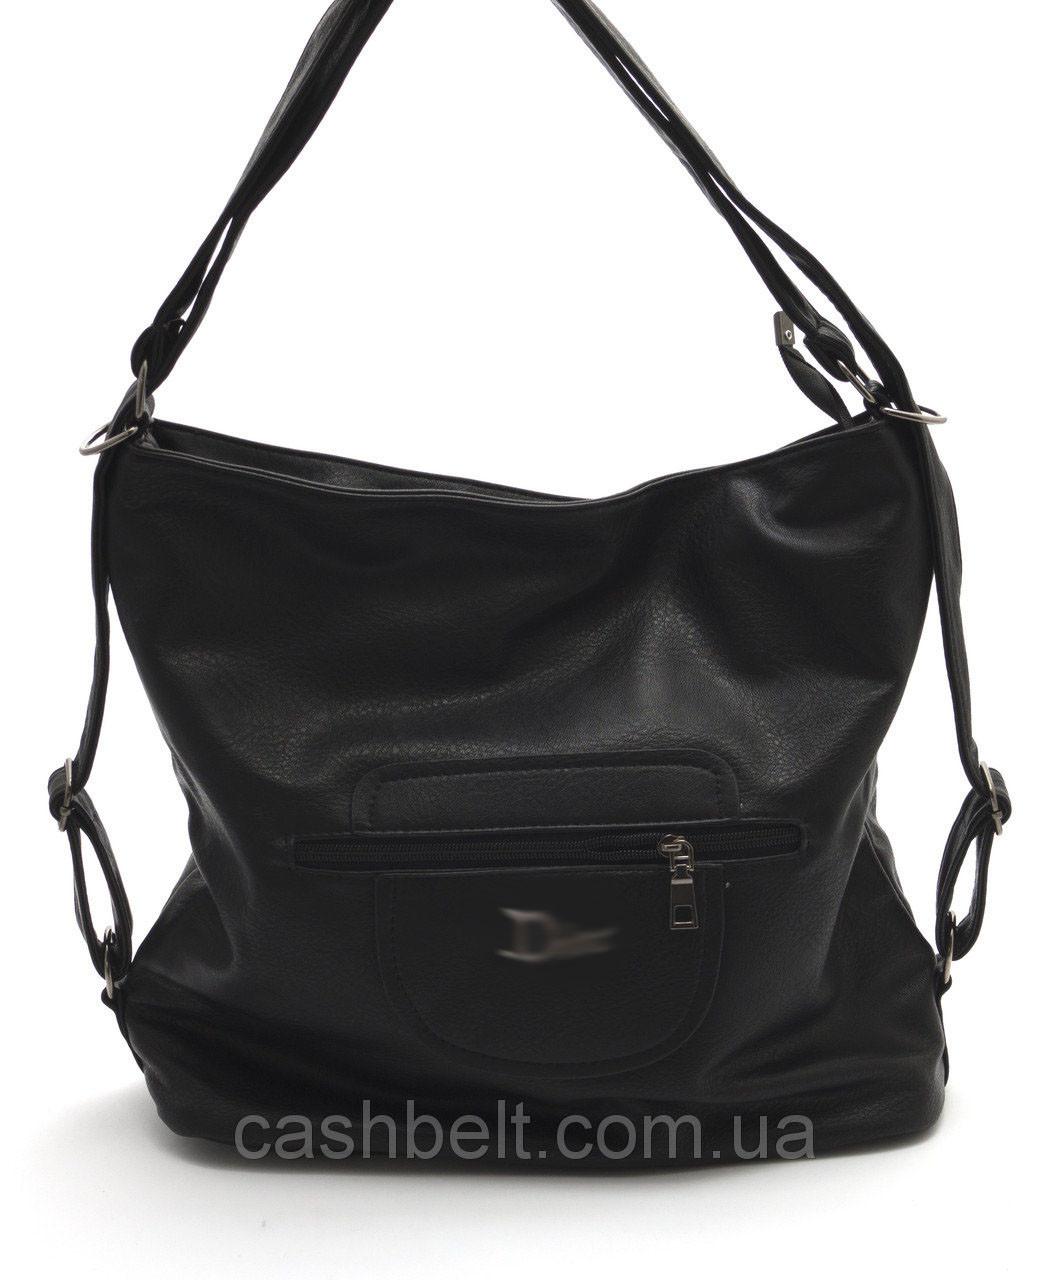 Большая женская сумка-рюкзак мешком Б/Н art. 81038